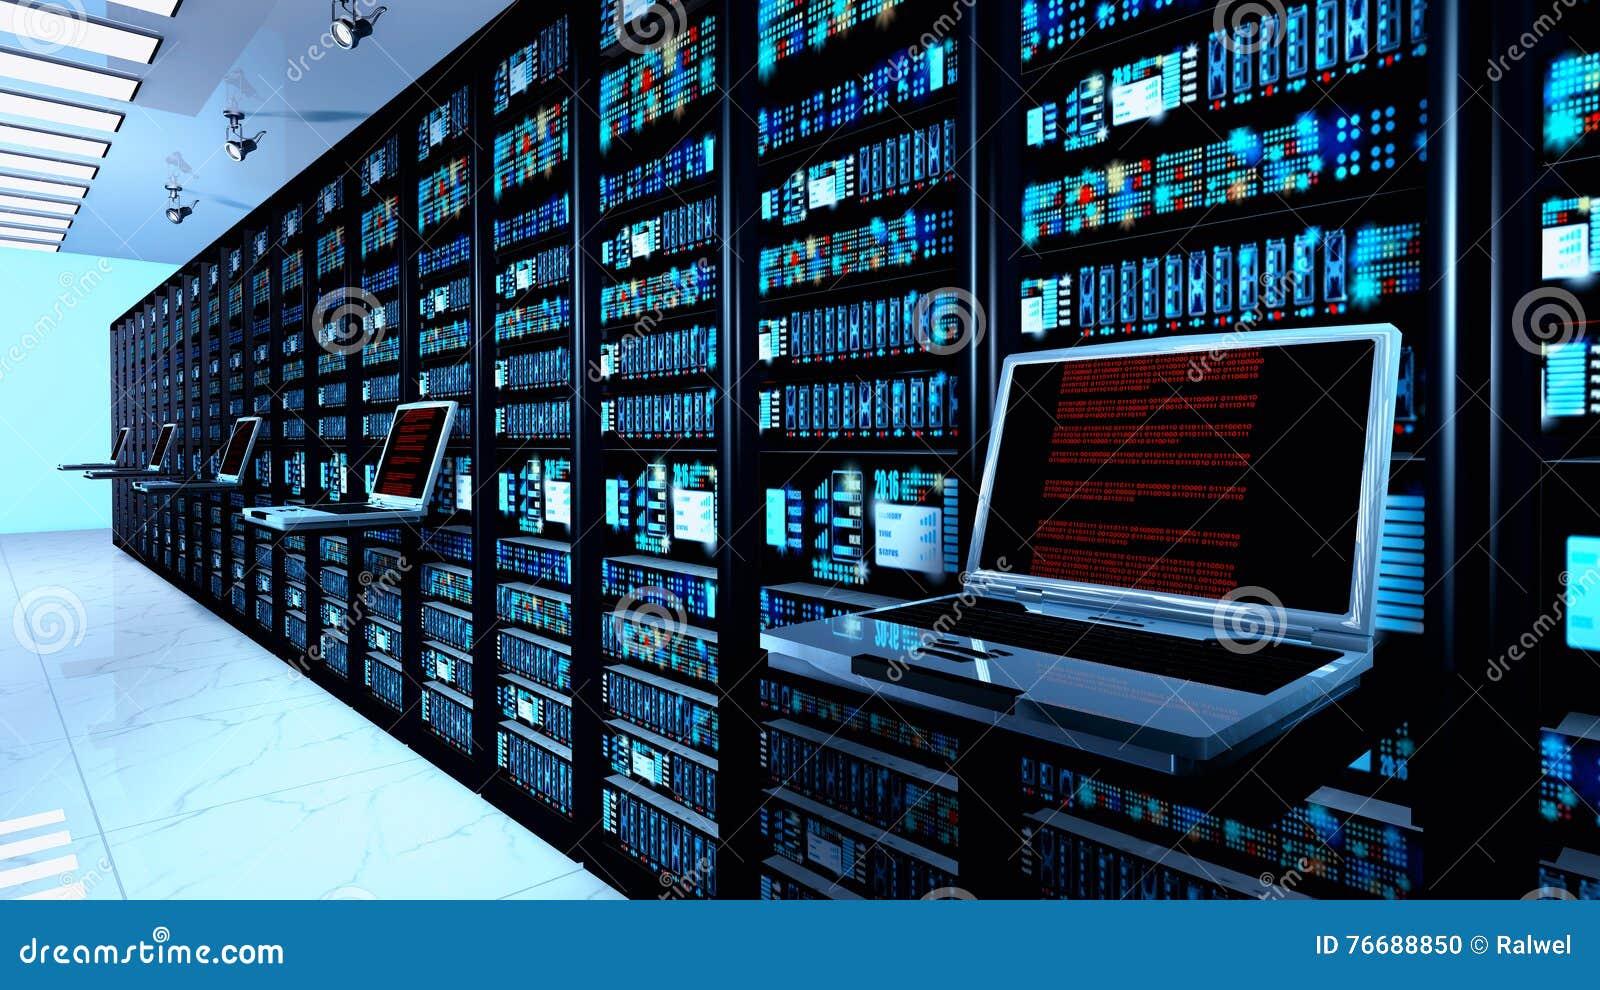 Подключение LPT принтера через USB порт в Windows 7 by